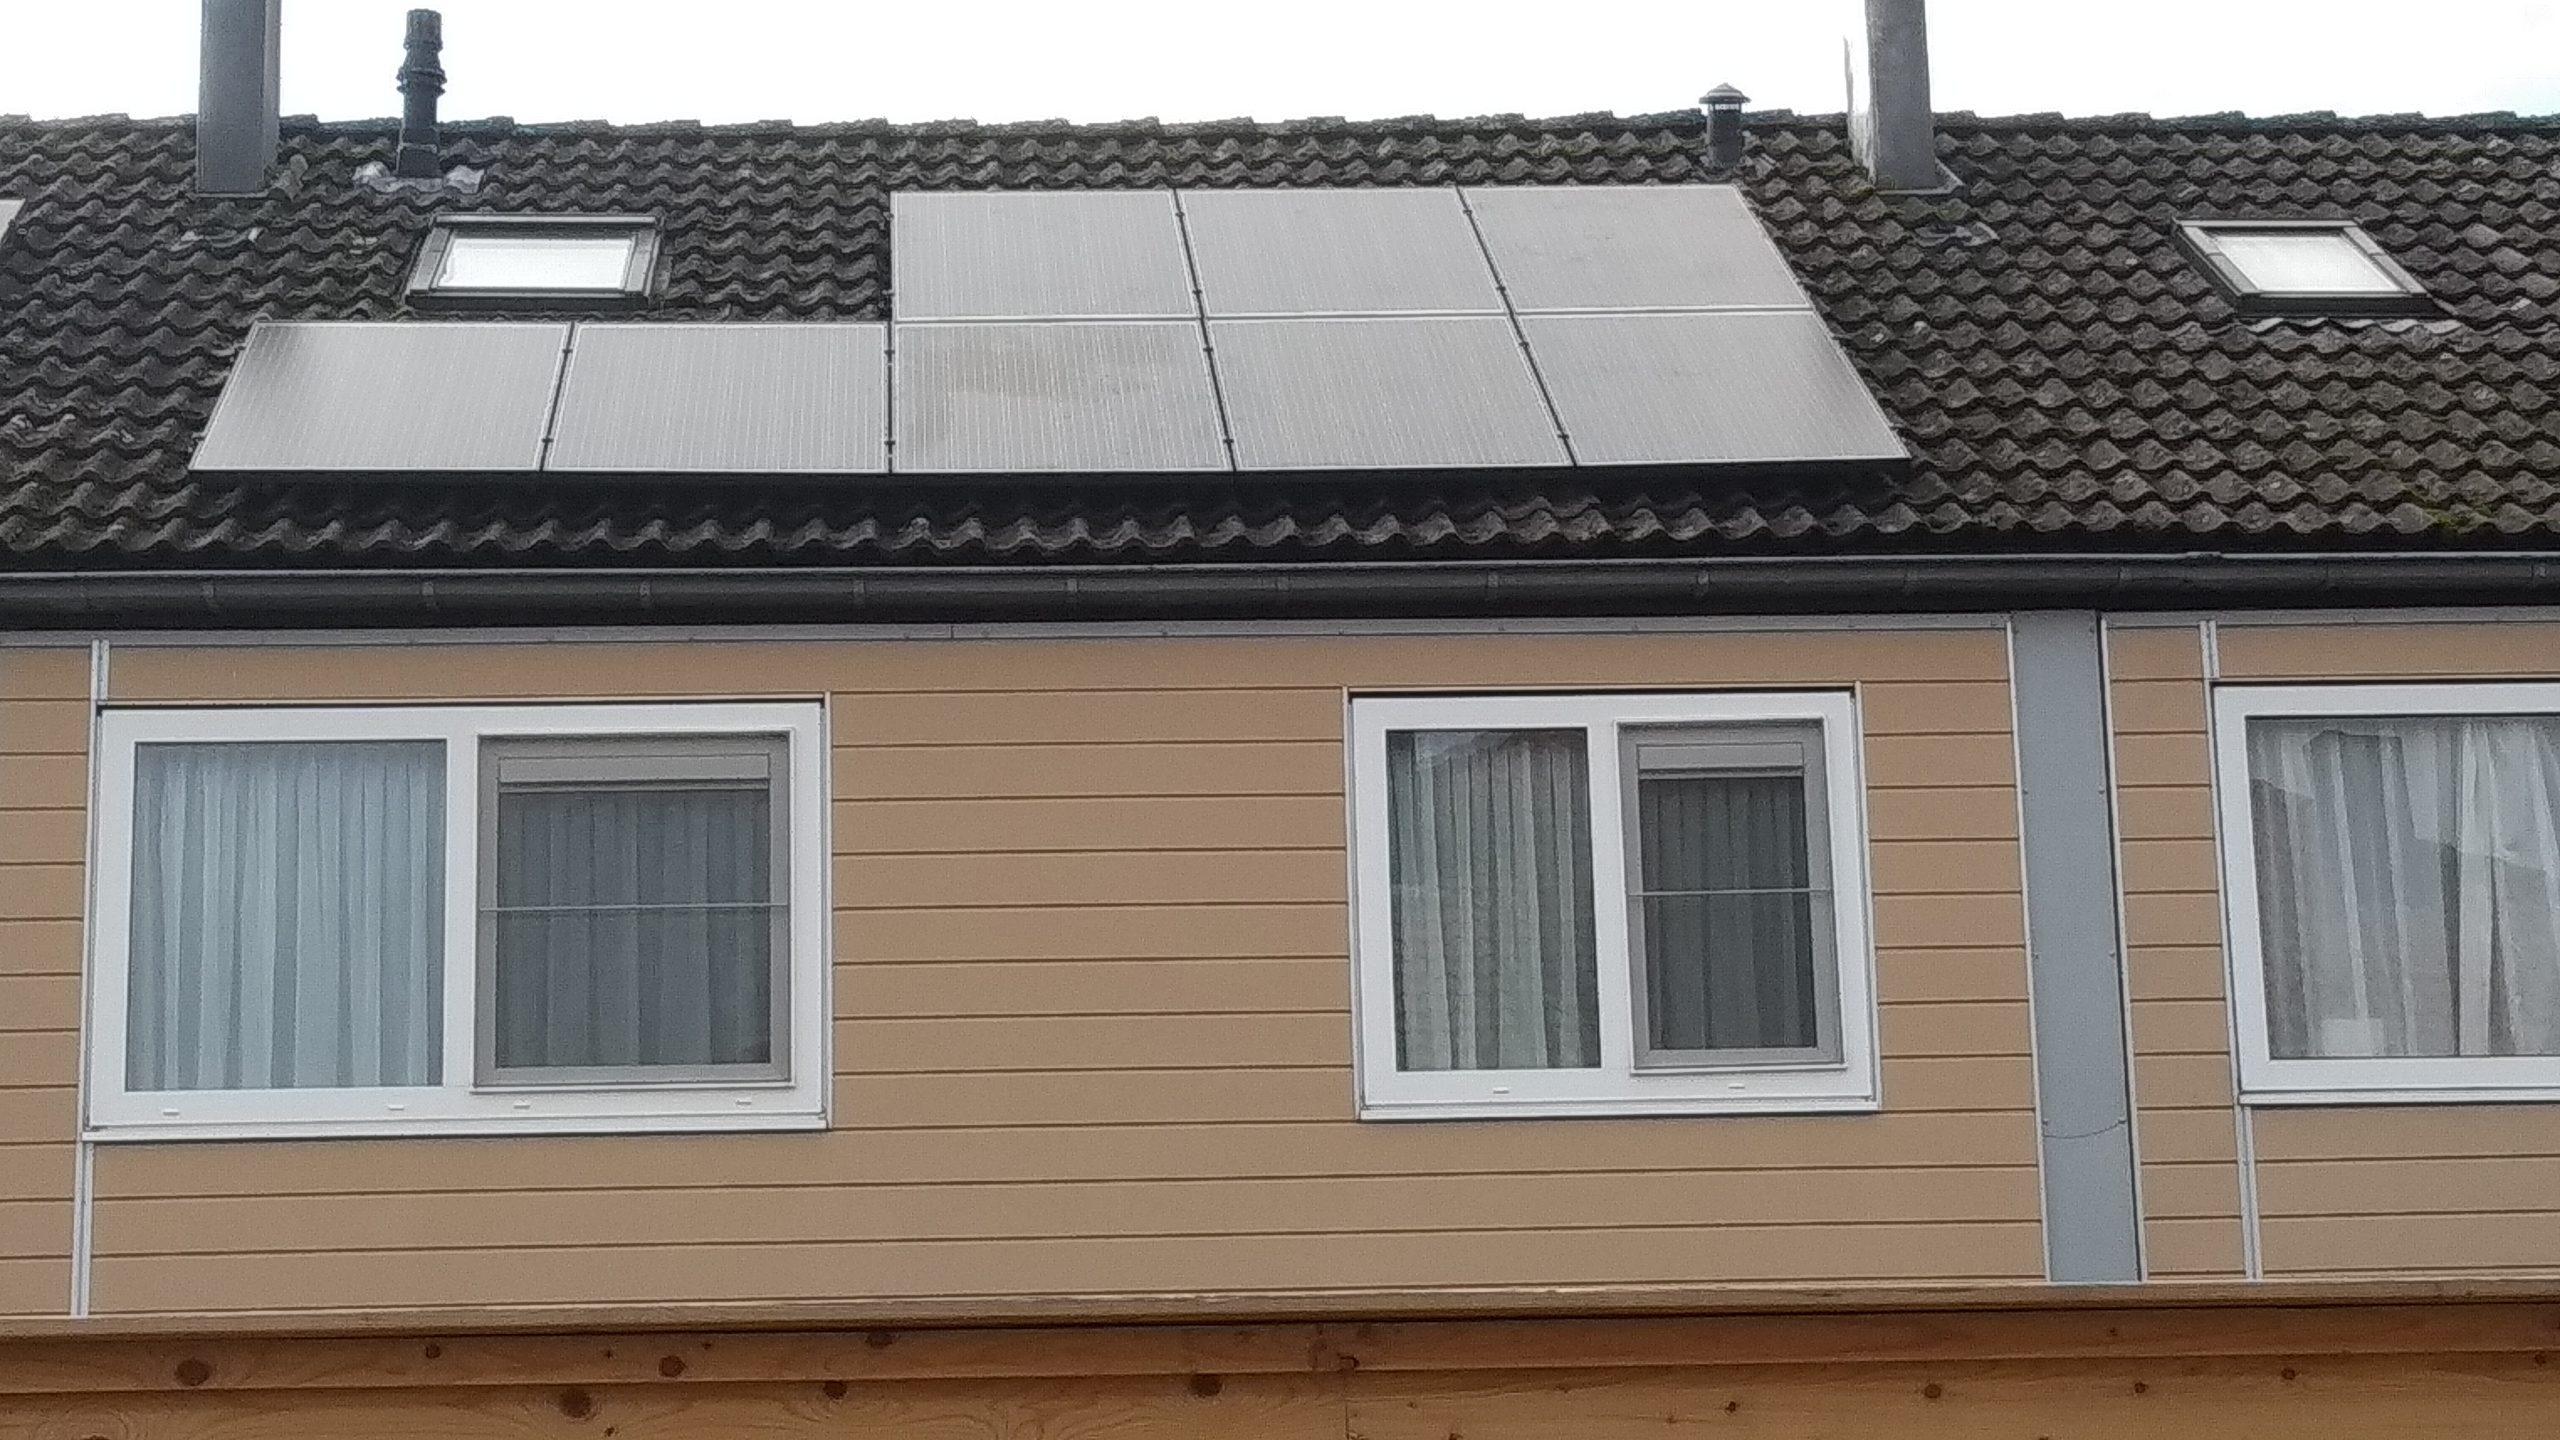 Solarwatt glas glas zonnepanelen Noordscheschut